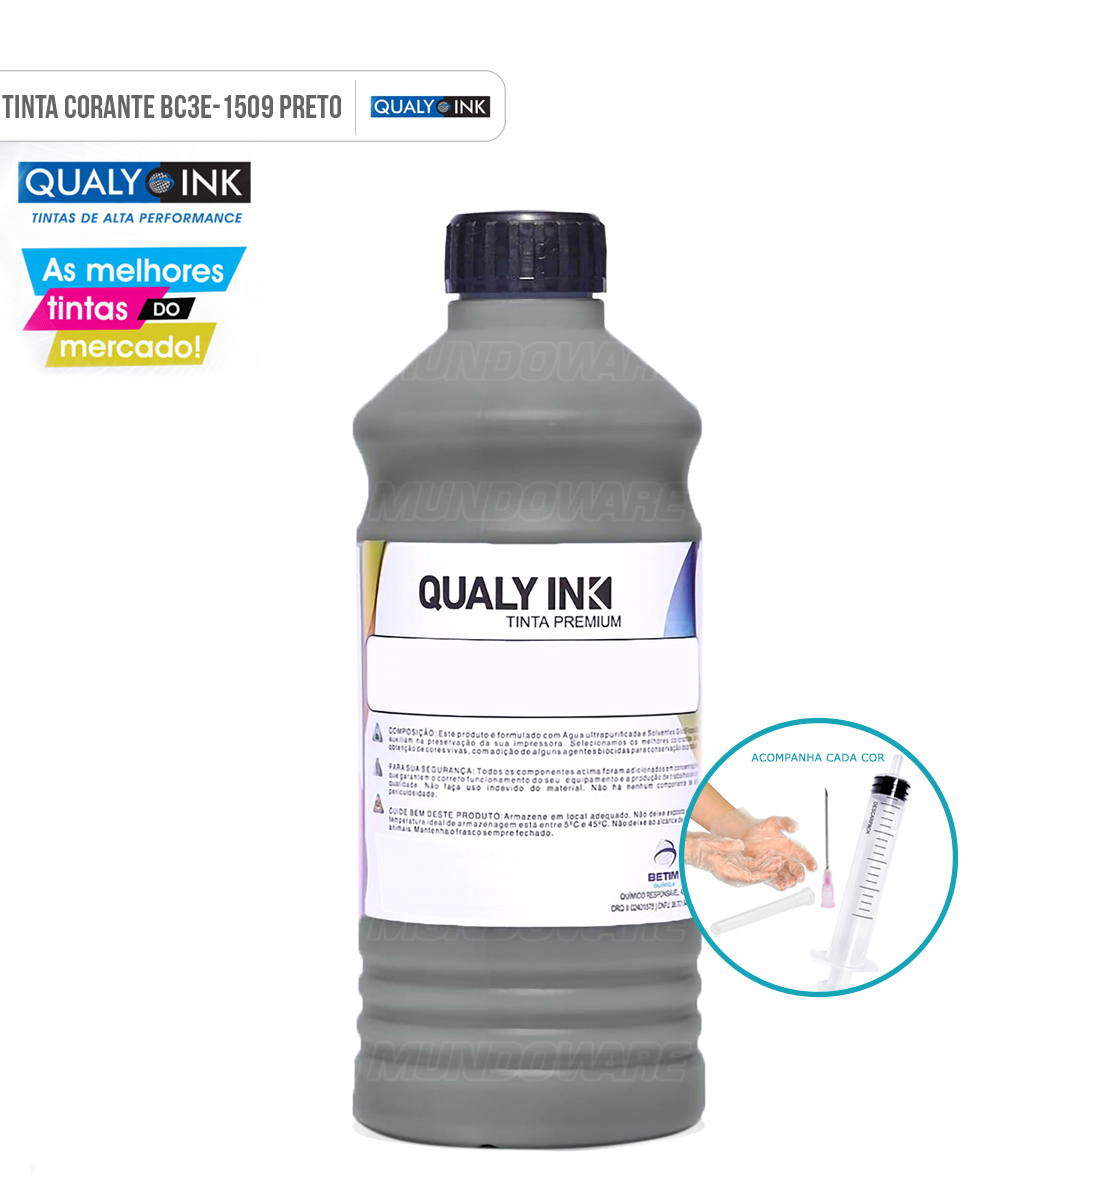 Refil de Tinta Qualy-Ink Preta Corante para Epson série 664 impressoras L100 L110 L120 L200 L210 L220 L300 L355 L365 L375 L380 L395 L396 L455 L475 L495 L550 L555 L565 L575 L606